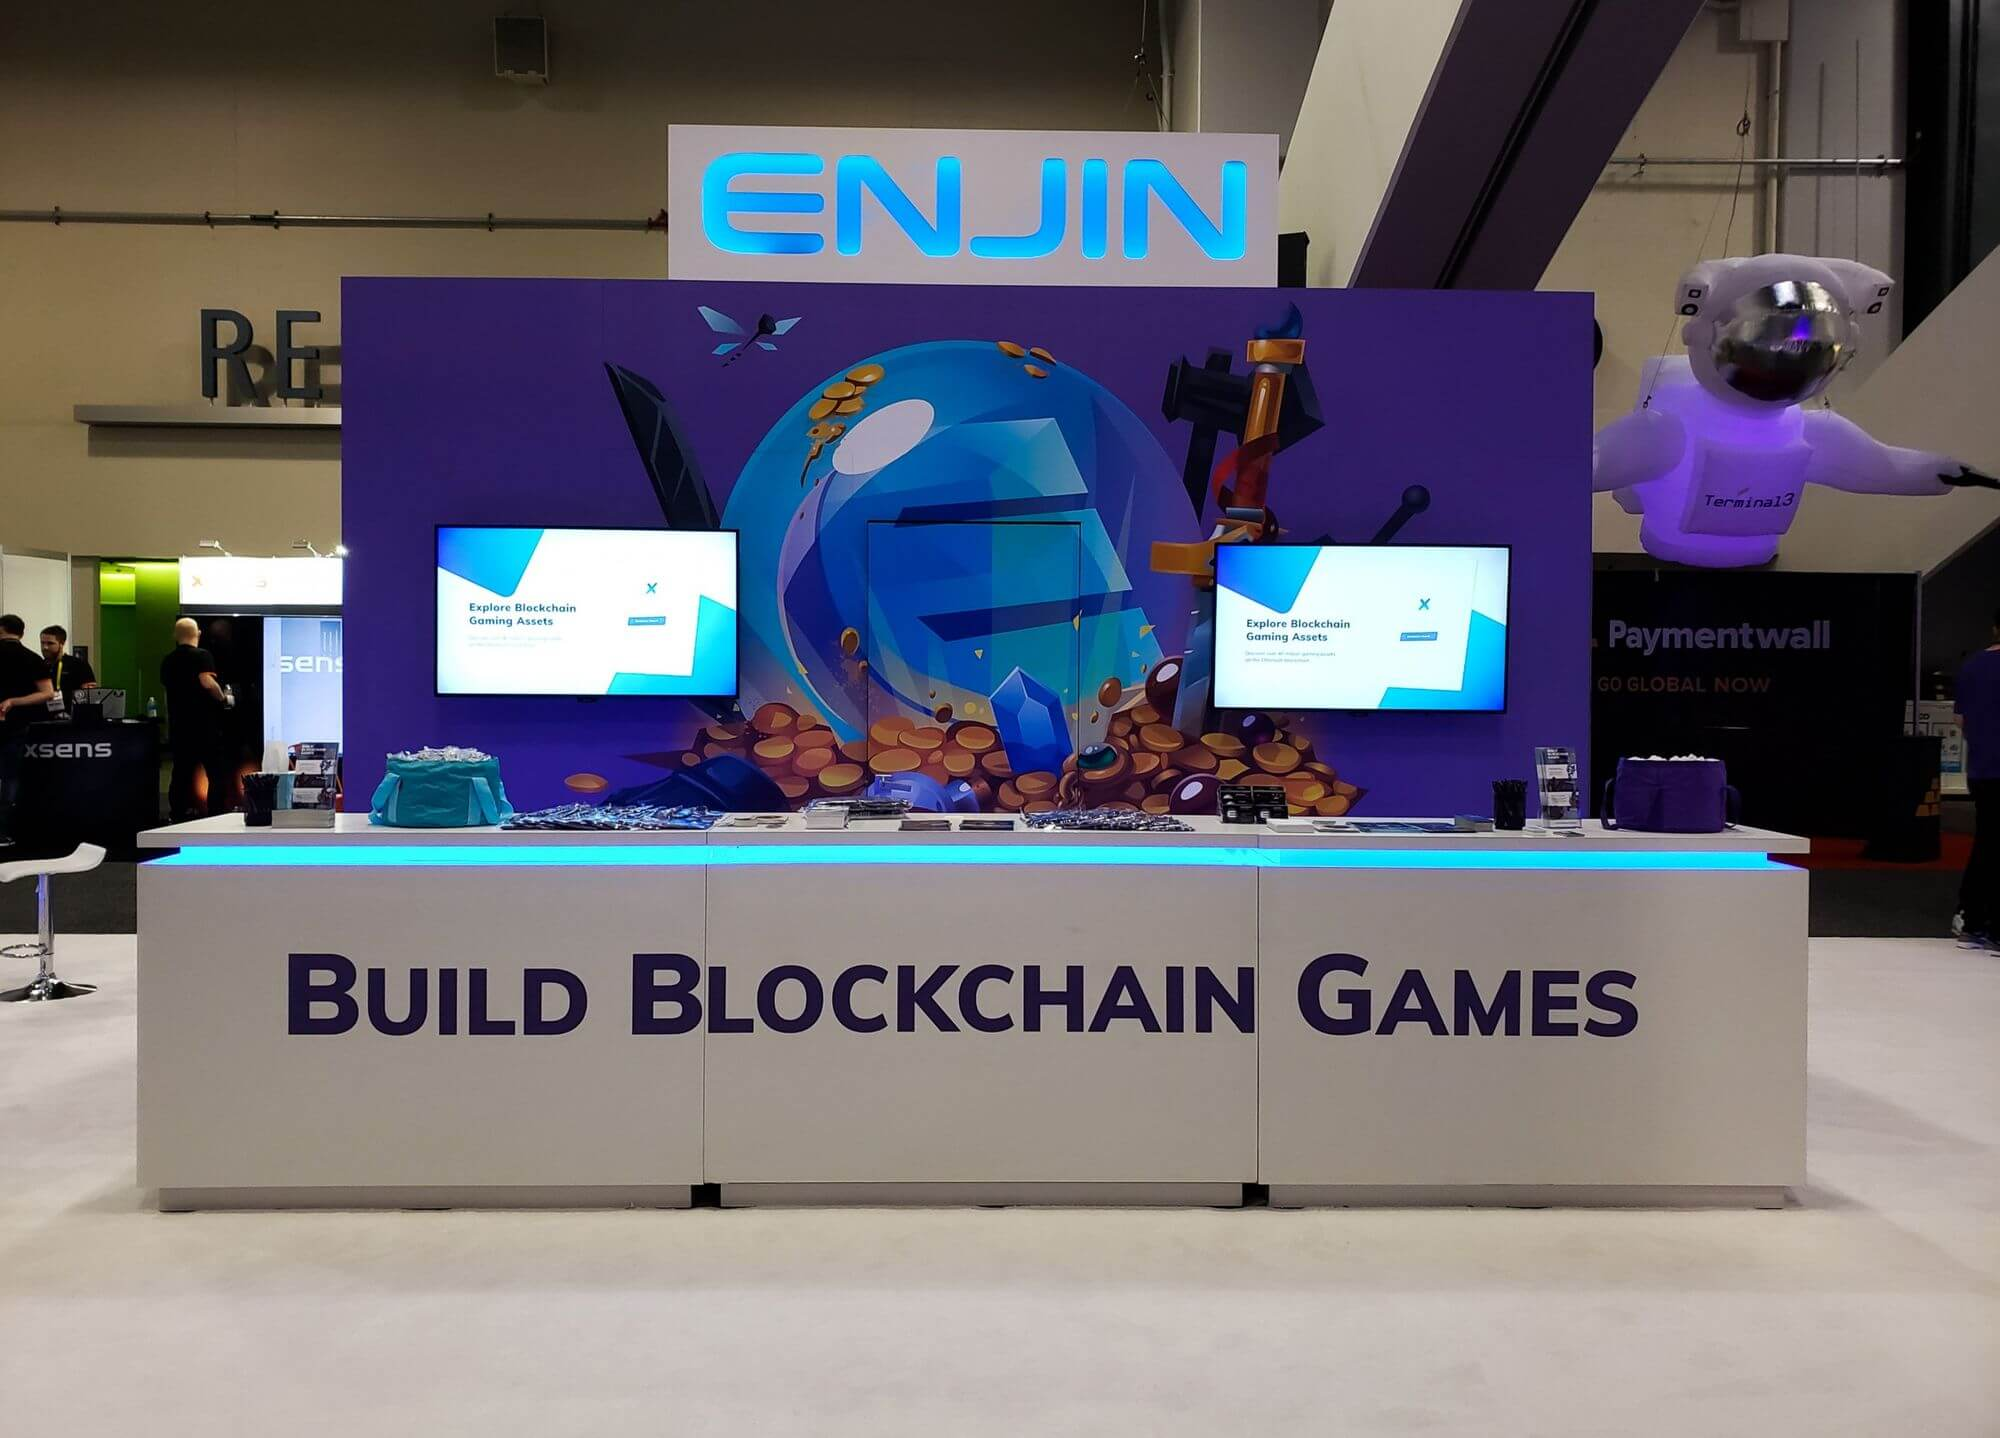 Enjin at GDC 2019